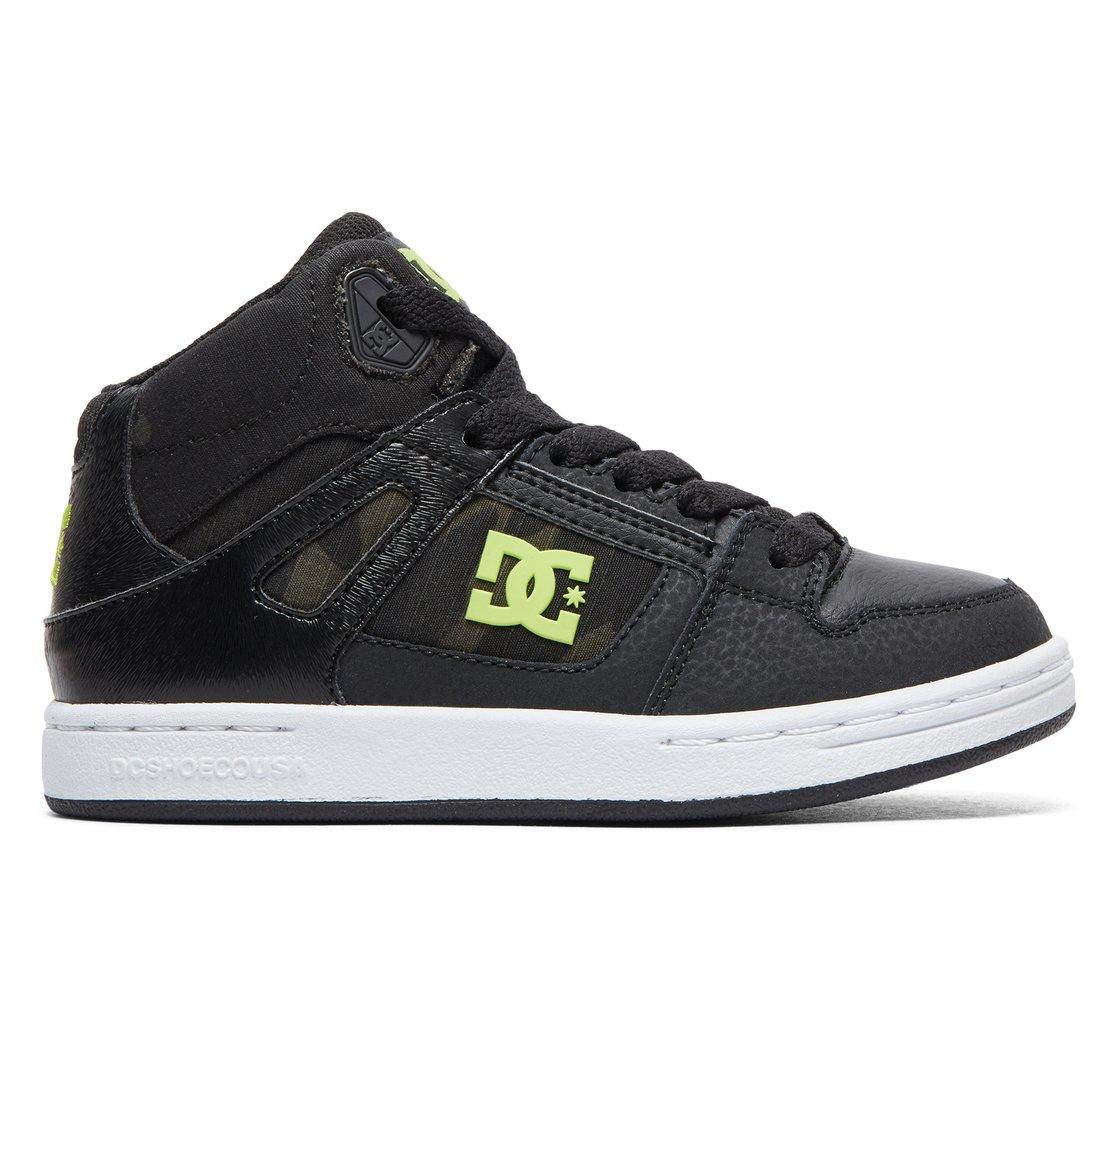 Pure SE - Chaussures montantes - Noir - DC Shoes